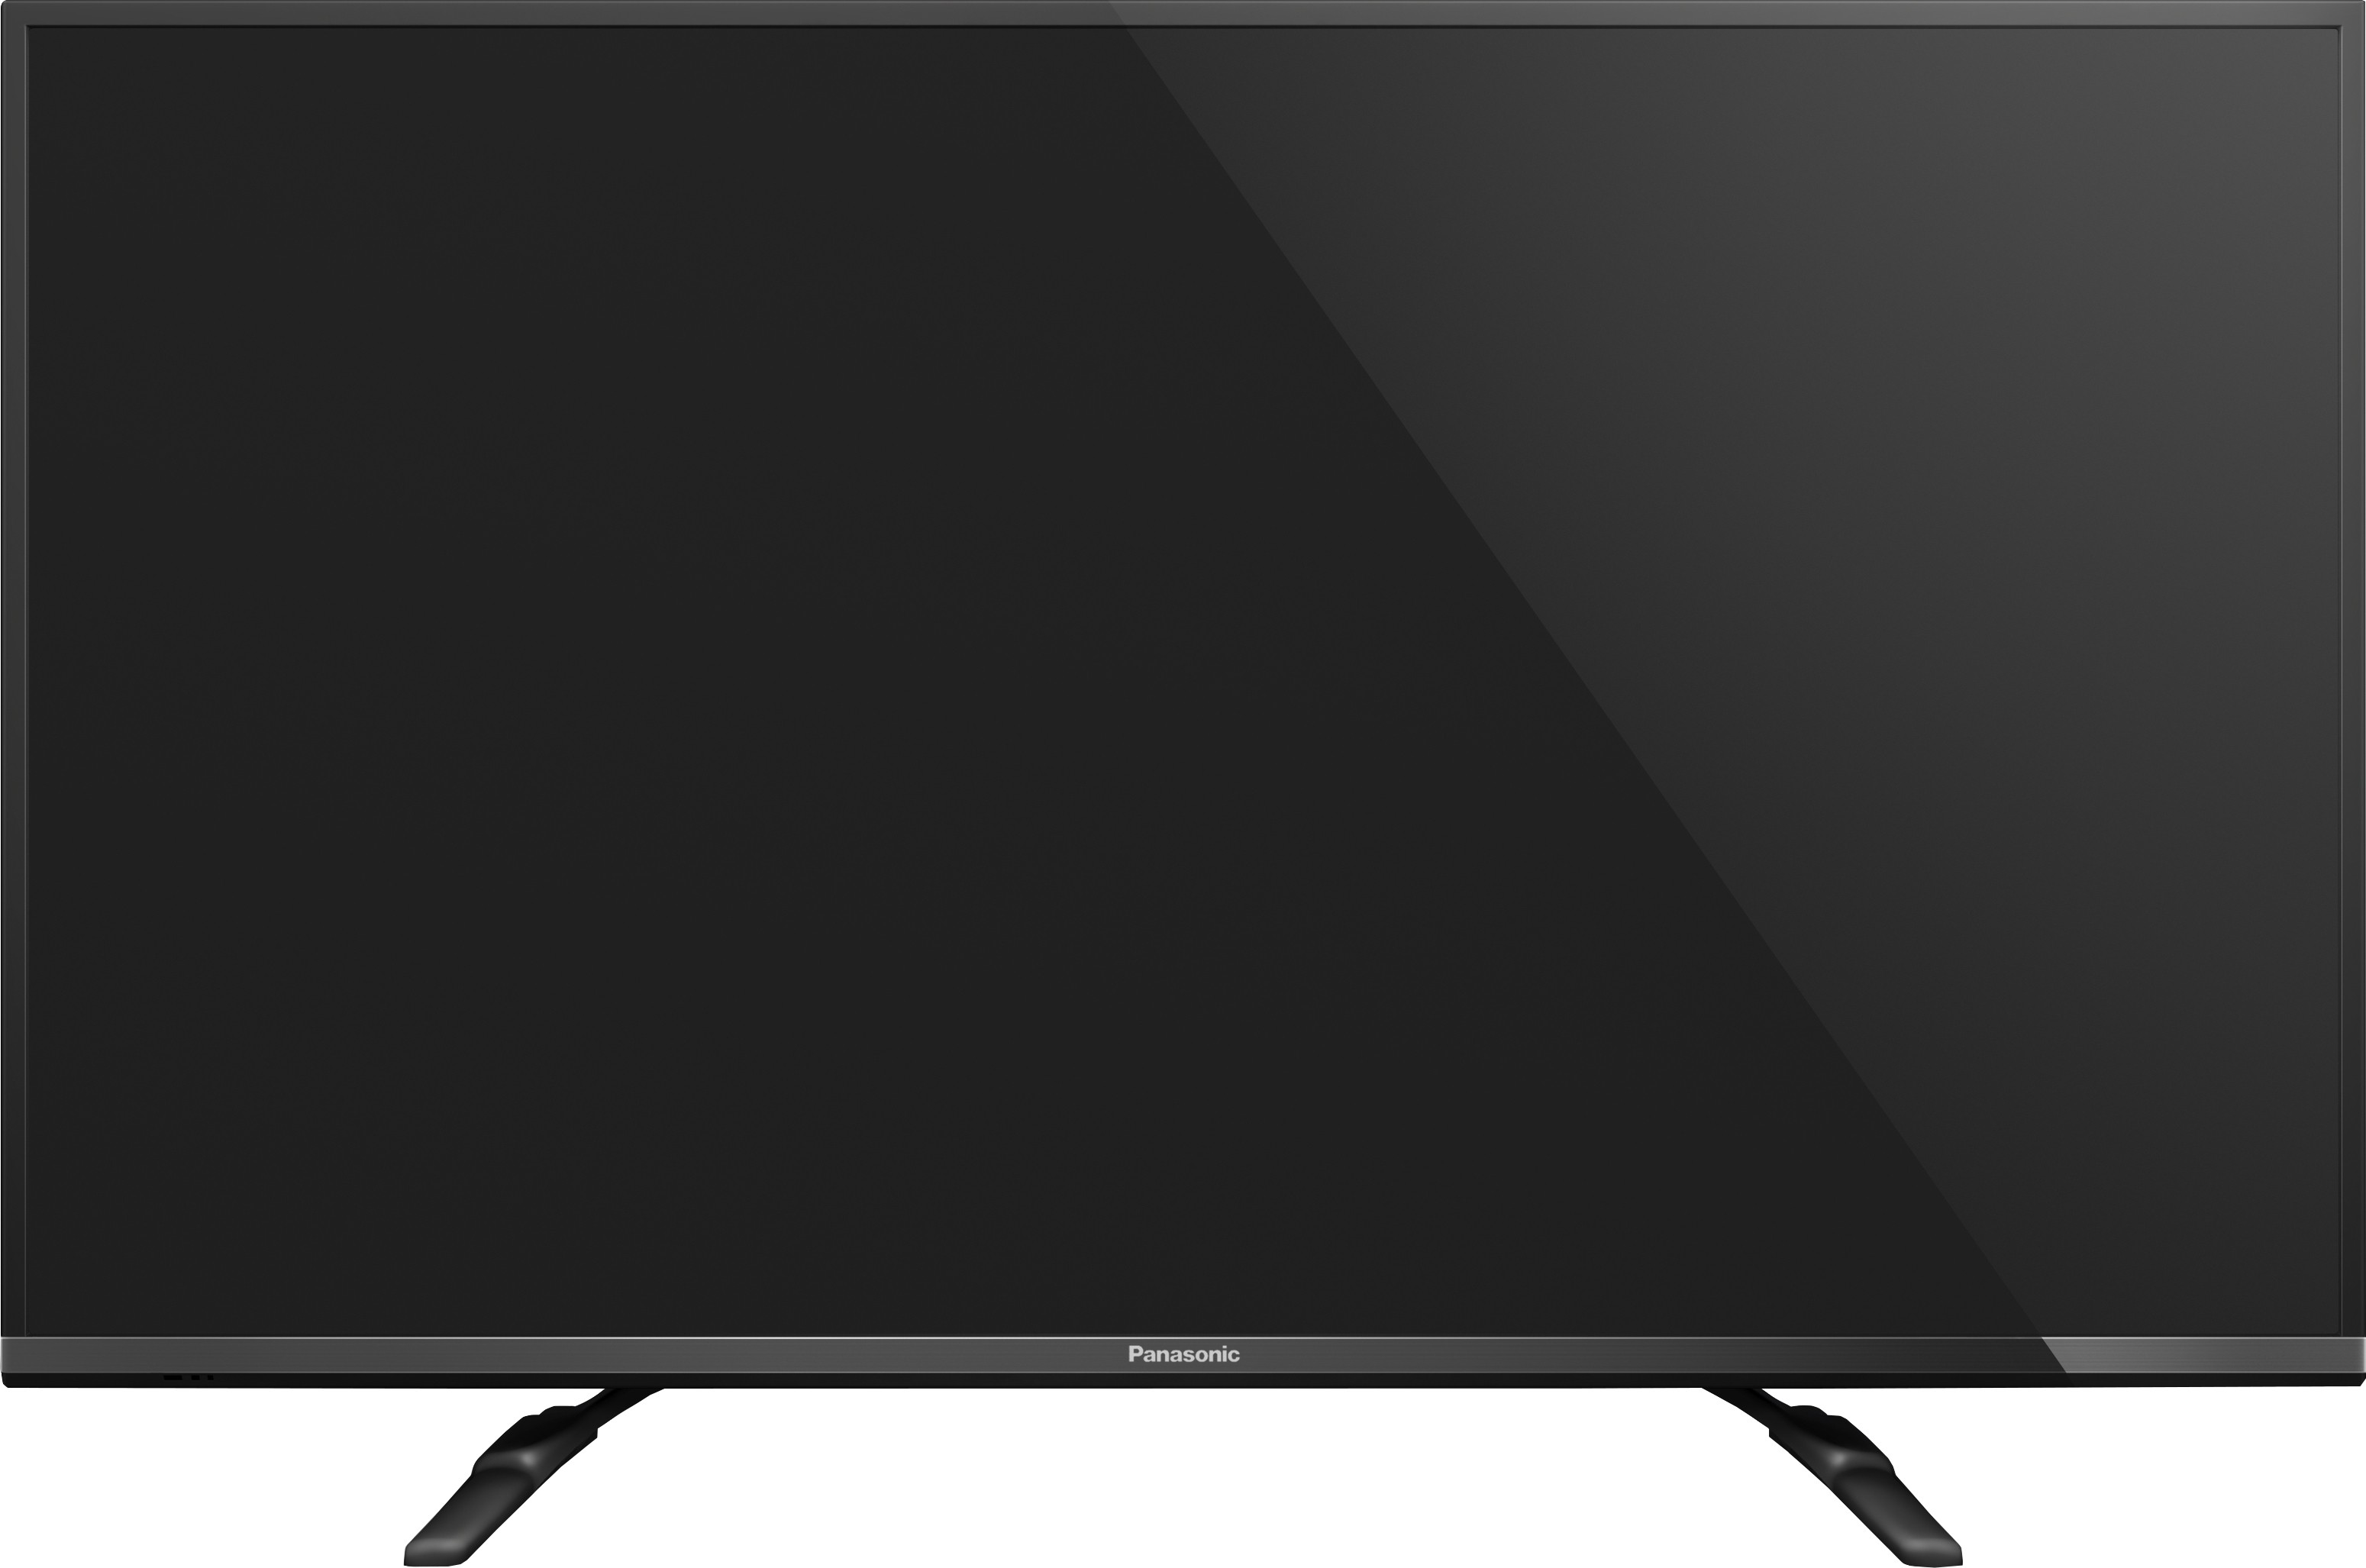 Panasonic TH-42C410D 106 cm (42) LED TV